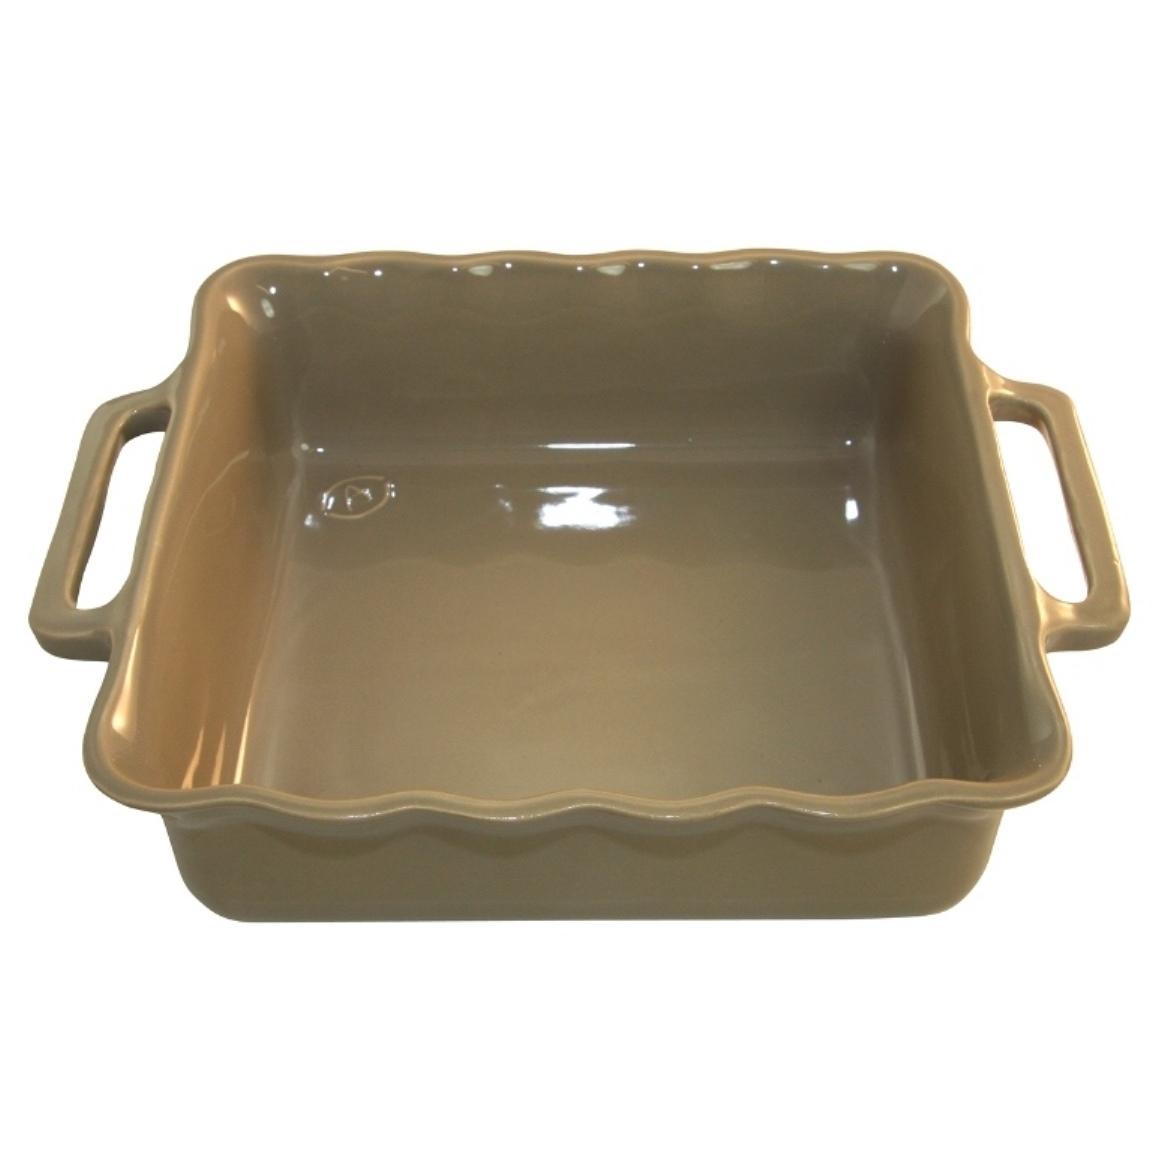 Форма квадратная 31,5 см Appolia Delices SAND 140031019Формы для запекания (выпечки)<br>Форма квадратная 31,5 см Appolia Delices SAND 140031019<br><br>Благодаря большому разнообразию изящных форм и широкой цветовой гамме, коллекция DELICES предлагает всевозможные варианты приготовления блюд для себя и гостей. Выбирайте цвета в соответствии с вашими желаниями и вашей кухне. Закругленные углы облегчают чистку. Легко использовать. Большие удобные ручки. Прочная жароустойчивая керамика экологична и изготавливается из высококачественной глины. Прочная глазурь устойчива к растрескиванию и сколам, не содержит свинца и кадмия. Глина обеспечивает медленный и равномерный нагрев, деликатное приготовление с сохранением всех питательных веществ и витаминов, а та же долго сохраняет тепло, что удобно при сервировке горячих блюд.<br>